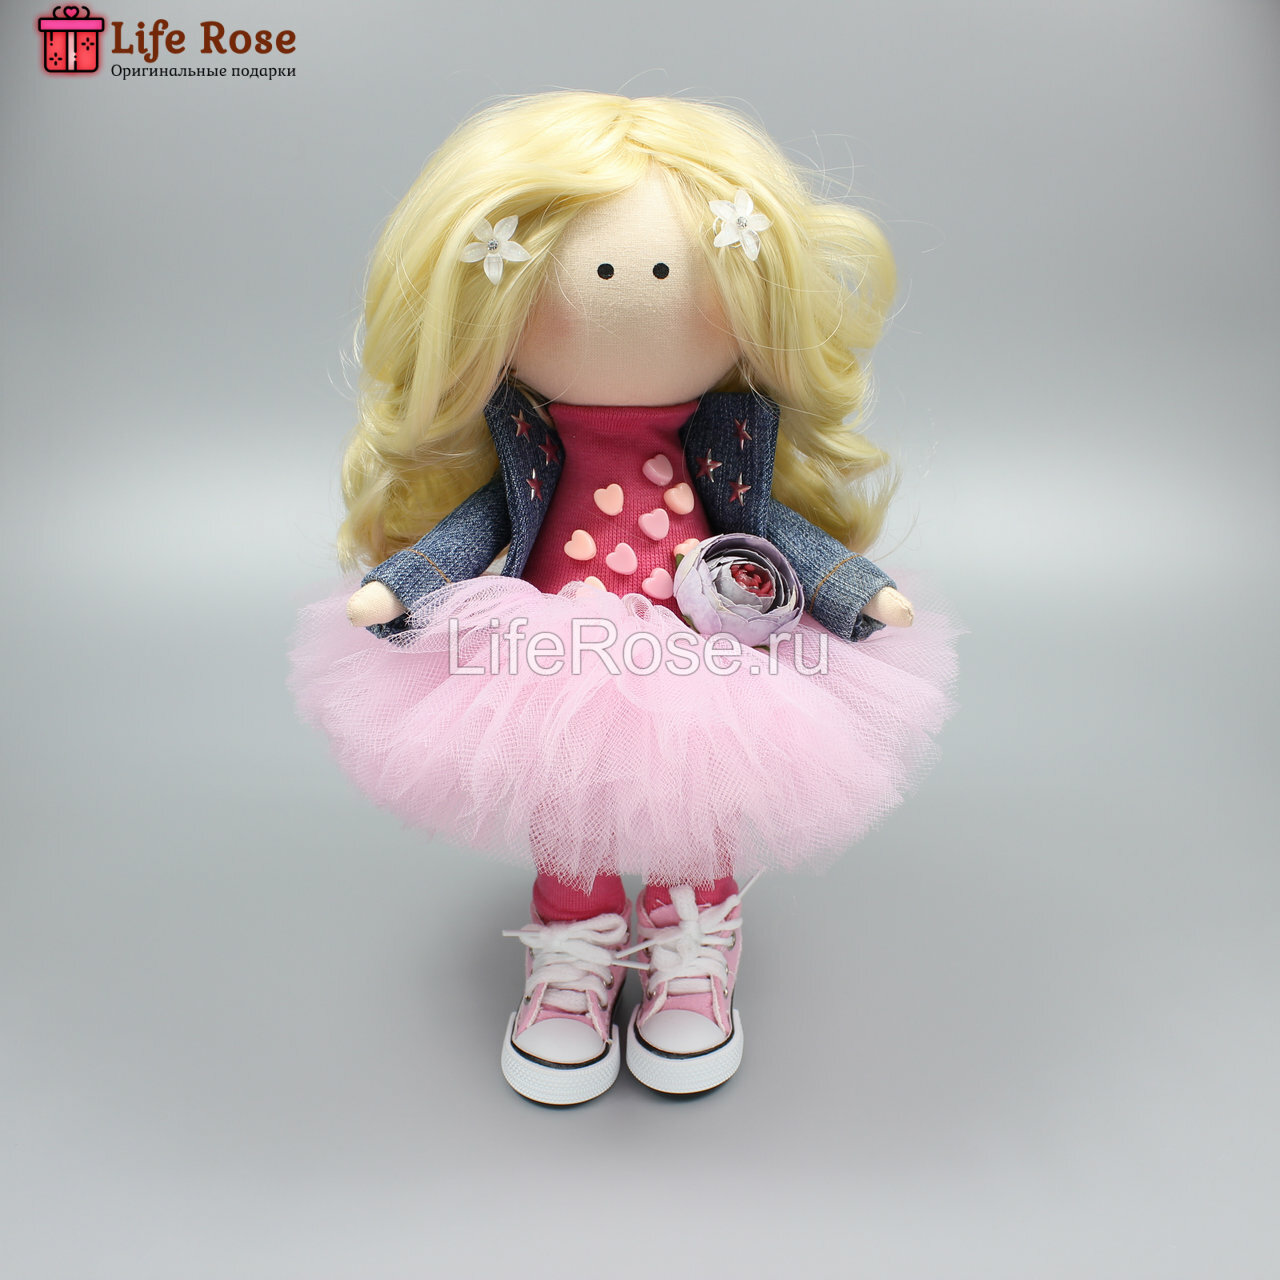 Заказать куклу ручной работы Руфина - НА ЗАКАЗ